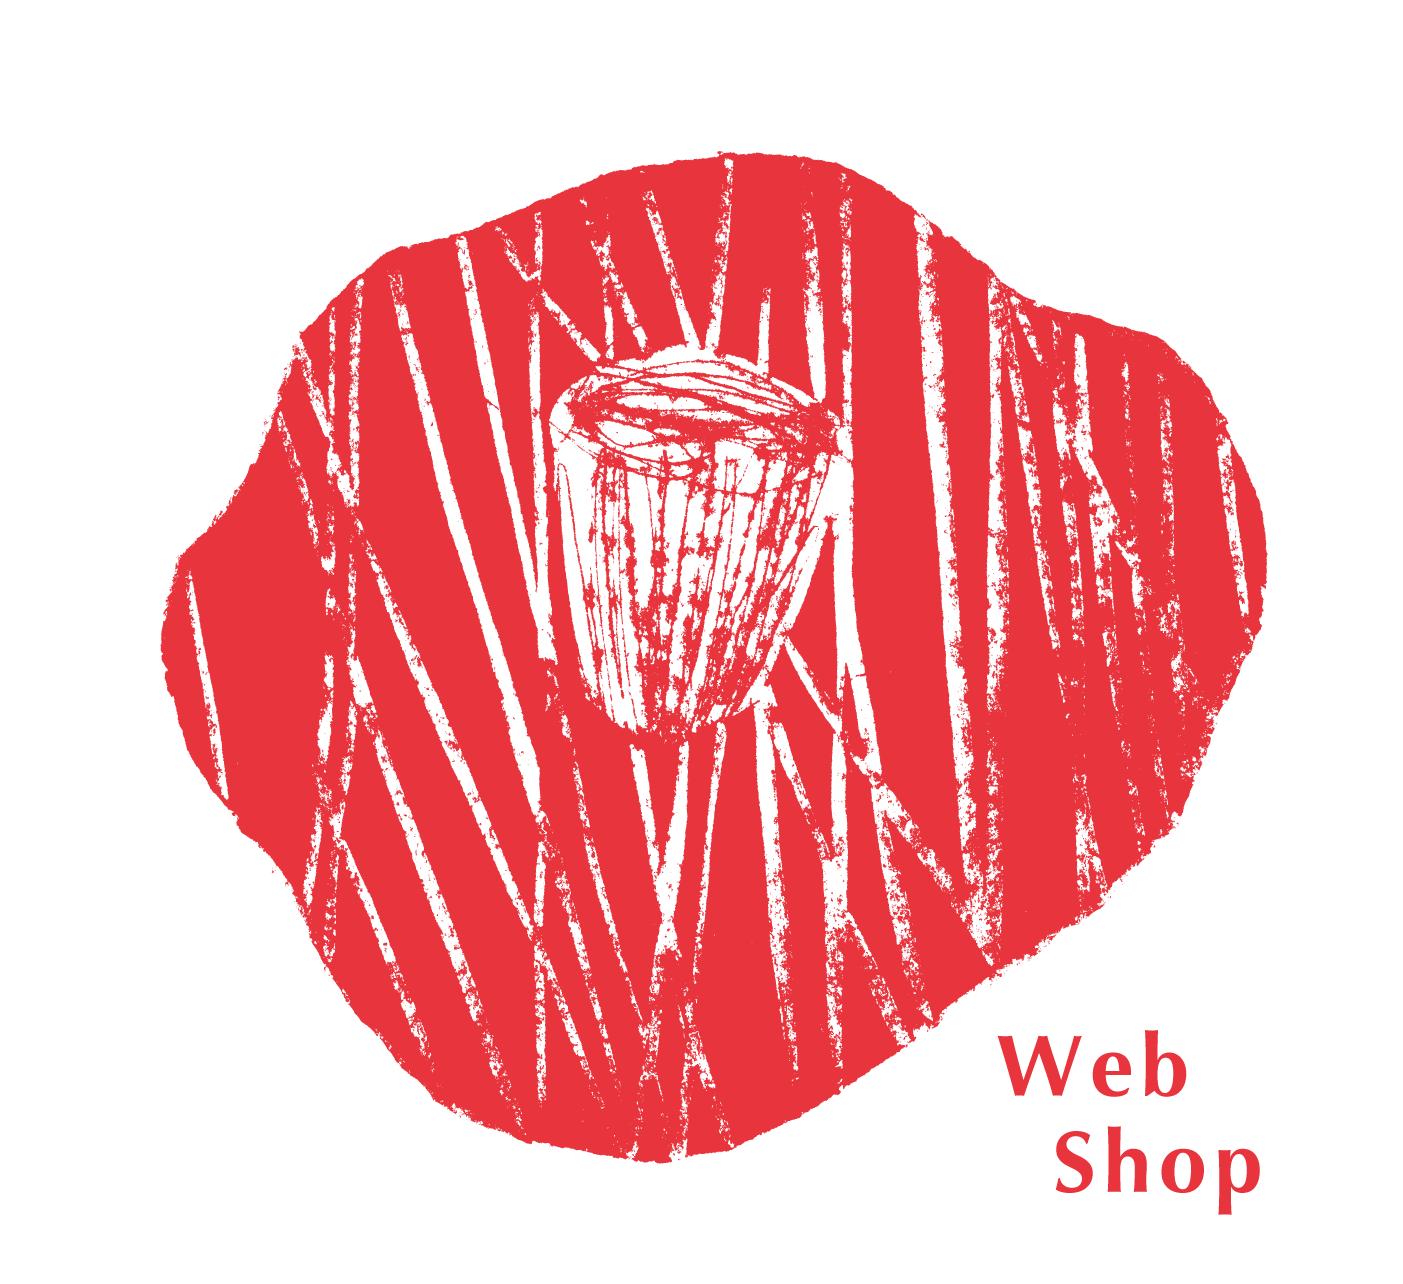 春夏秋冬 冬 たから Web SHOP